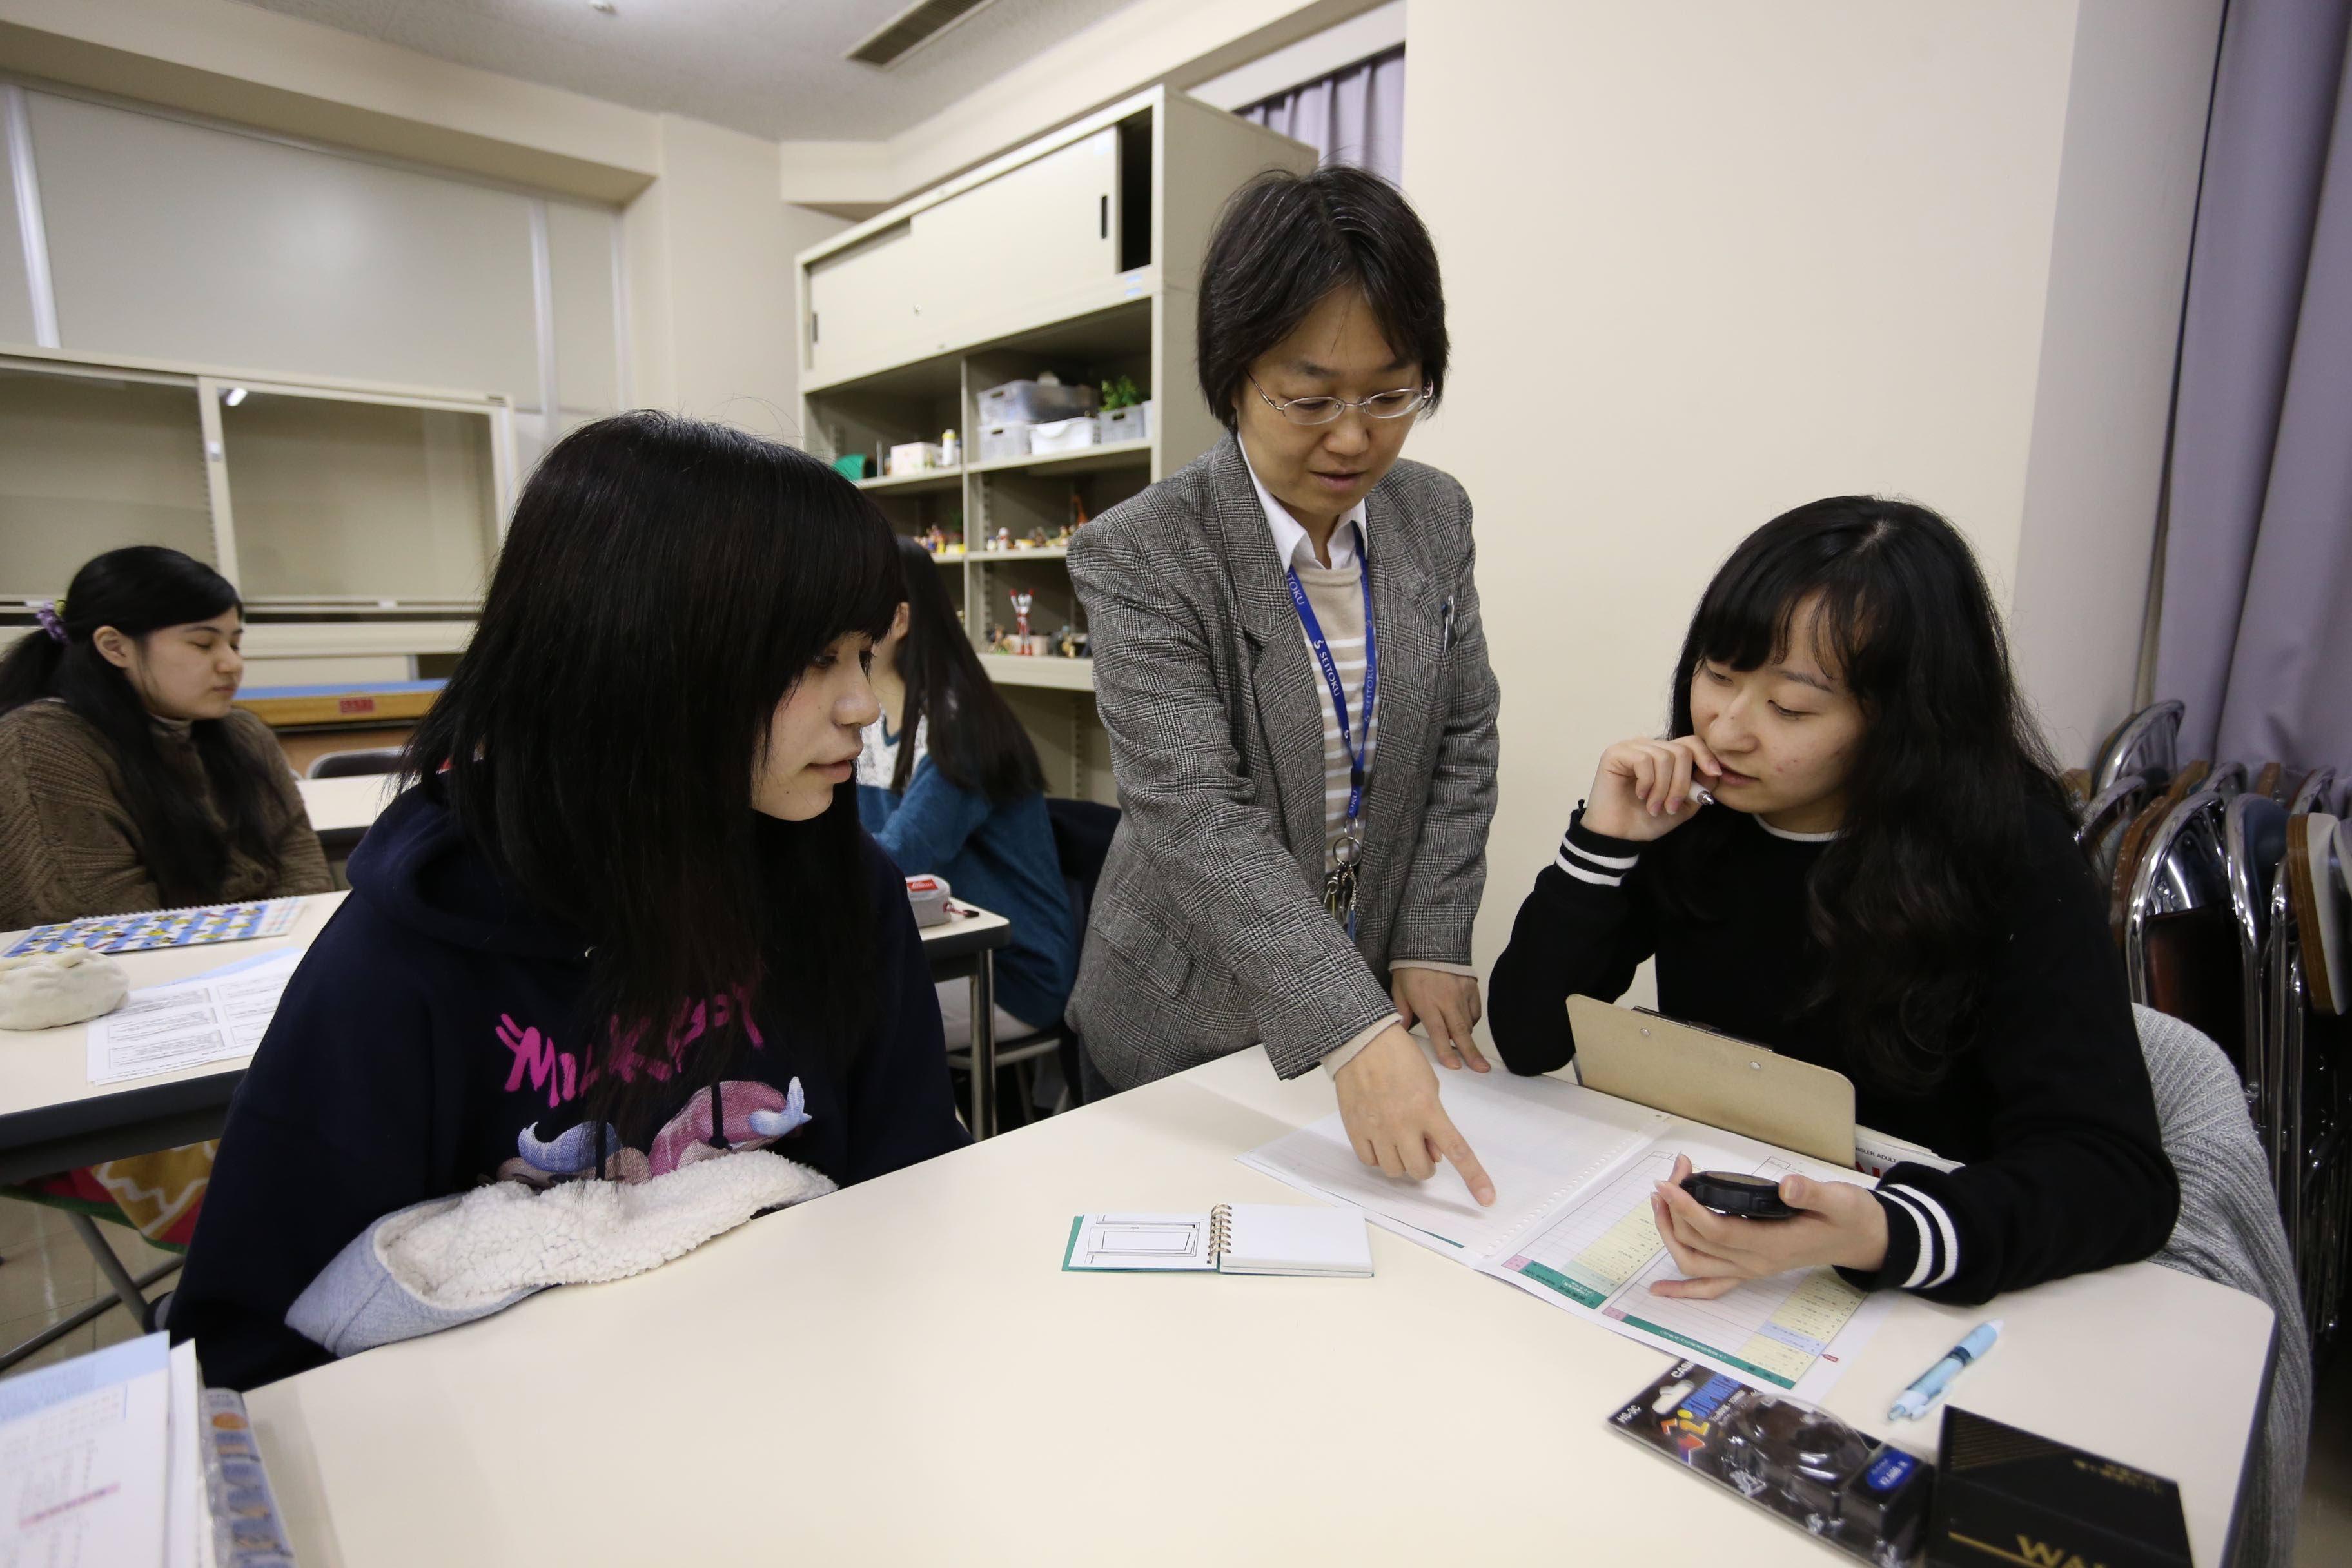 聖徳大学 心理学科 授業紹介③ 心理検査を体験してみよう